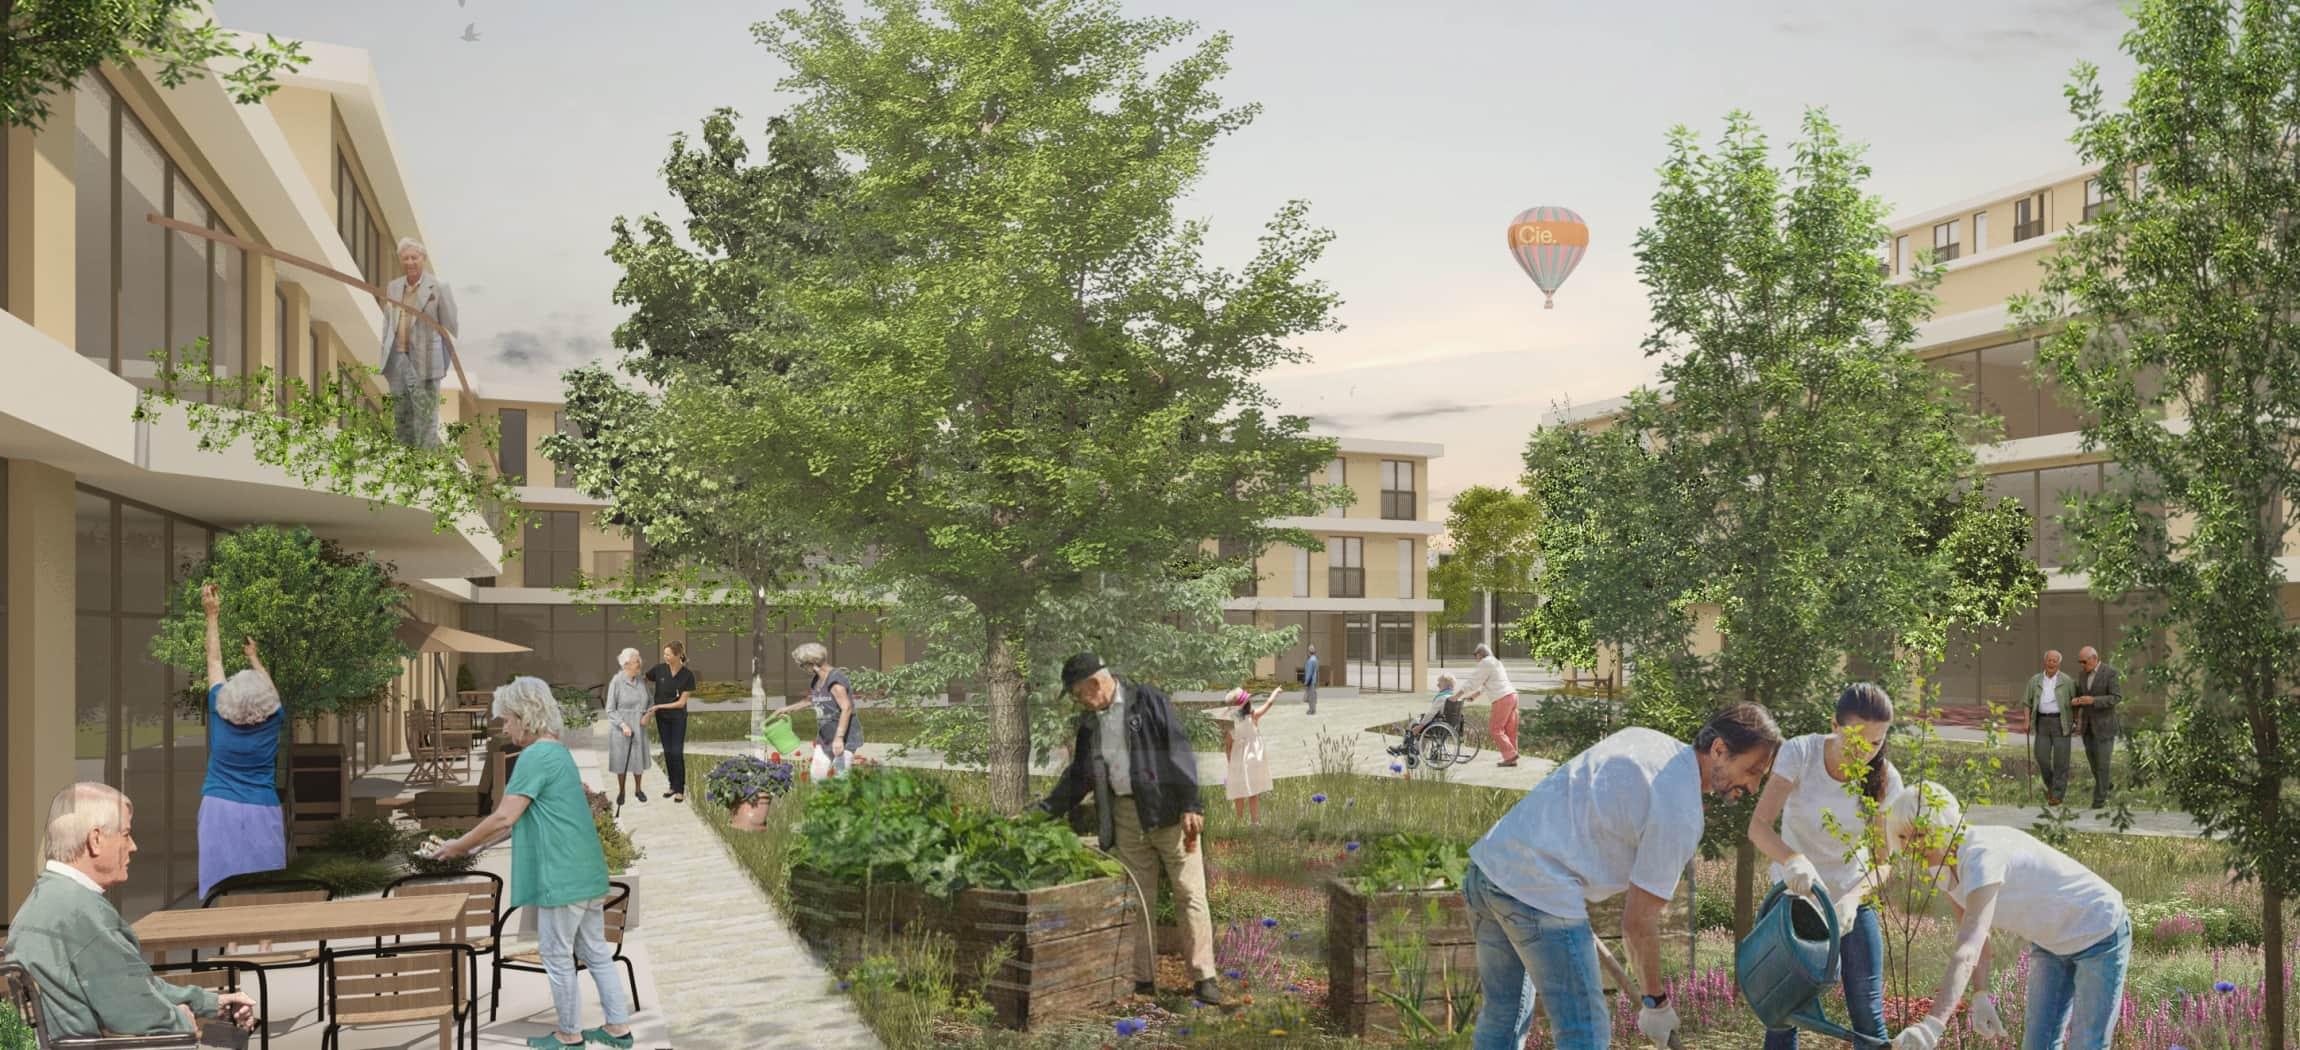 Beeld van hoe de nieuwbouw Bornholm er ongeveer uit zou kunnen zien